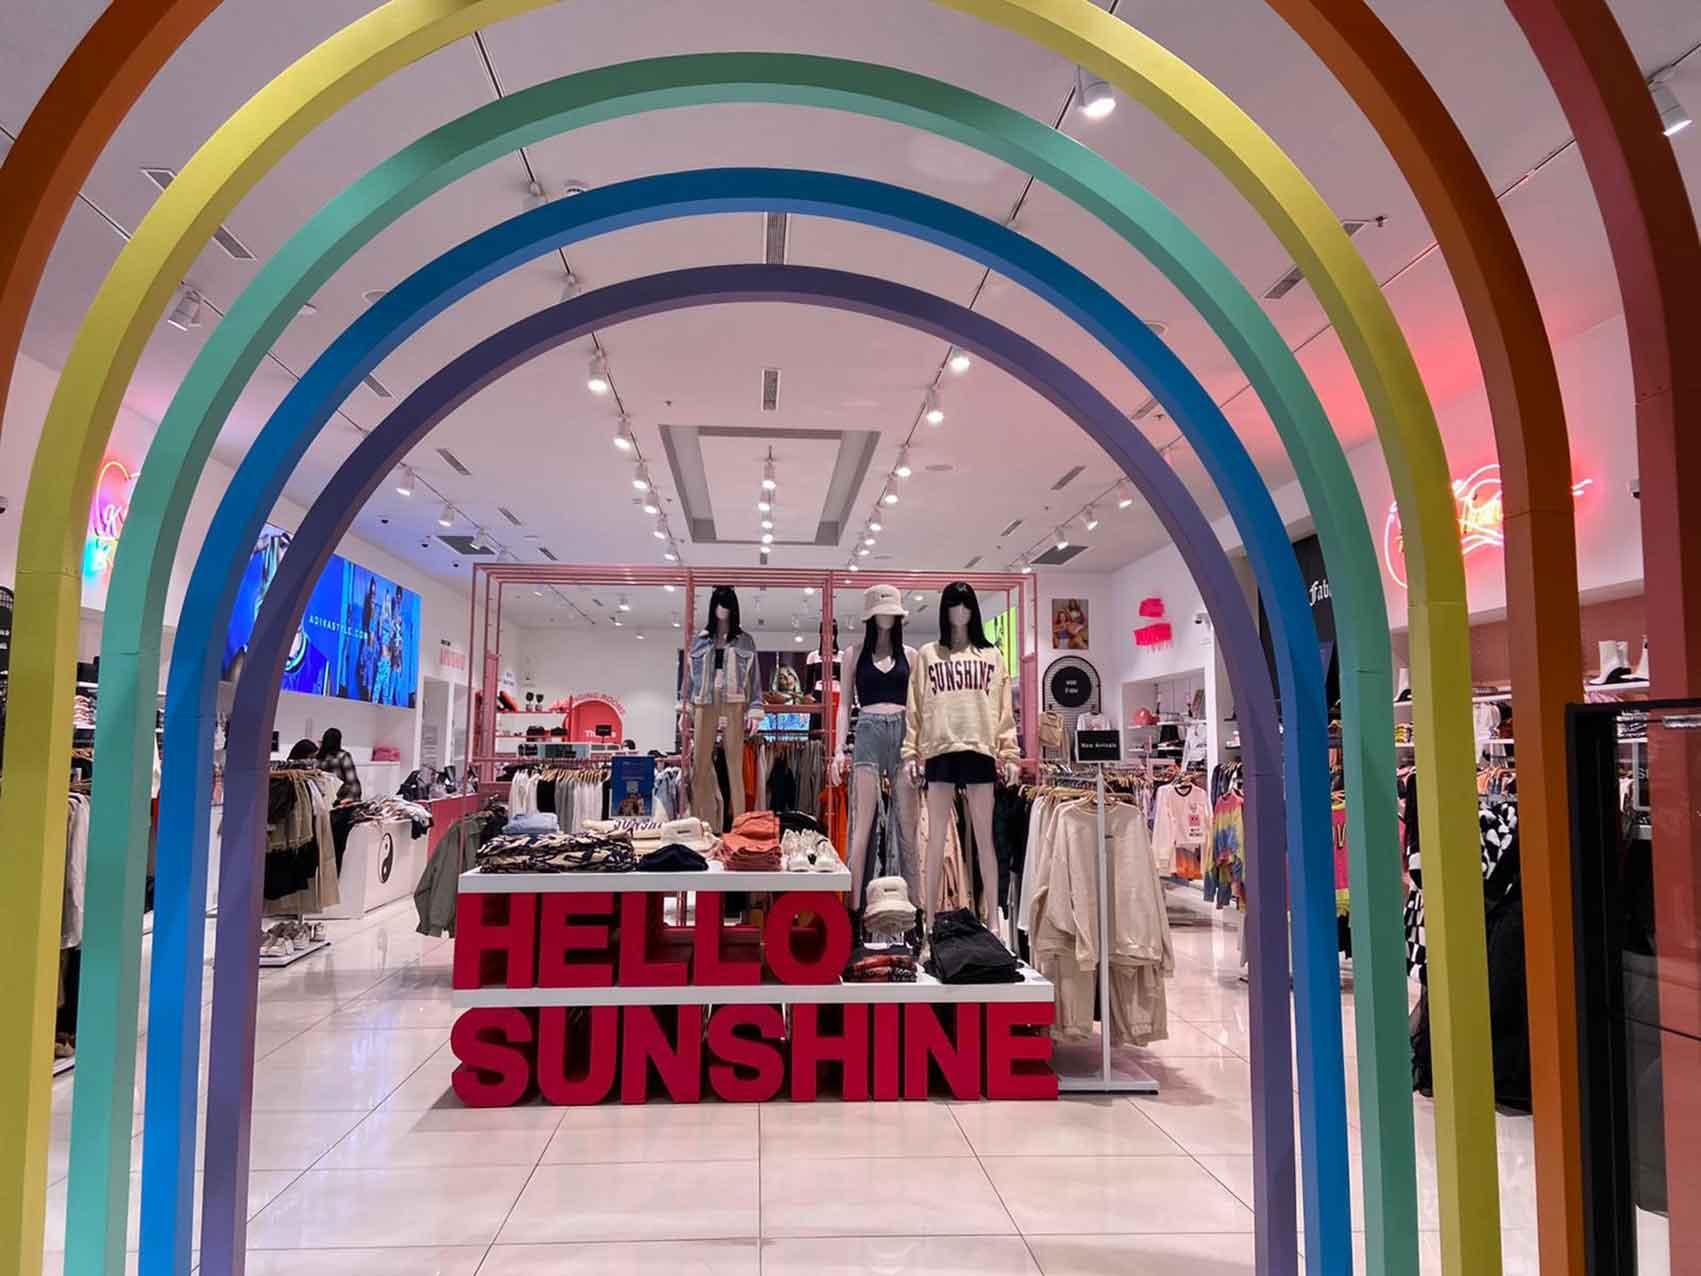 Adika-חנות-פופ-אפ-פתח-תקווה-חדשות-אופנה